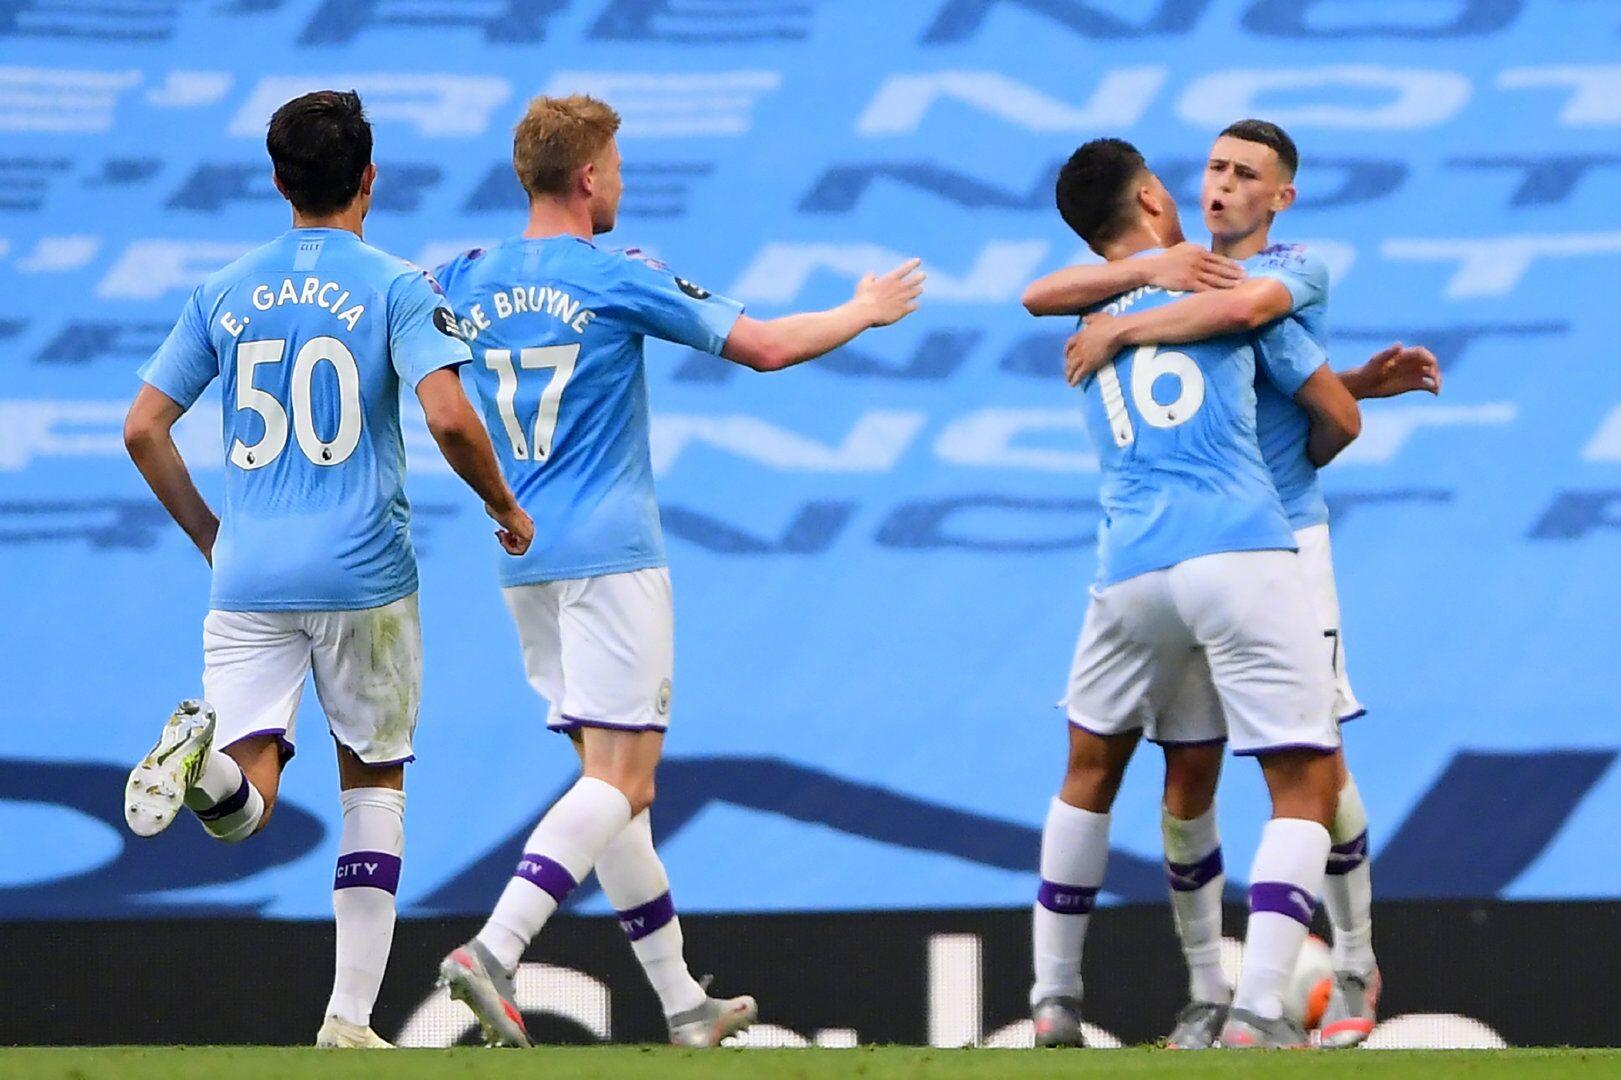 嘉士伯特约战报:德布劳内福登斯特林,曼城4-0利物浦